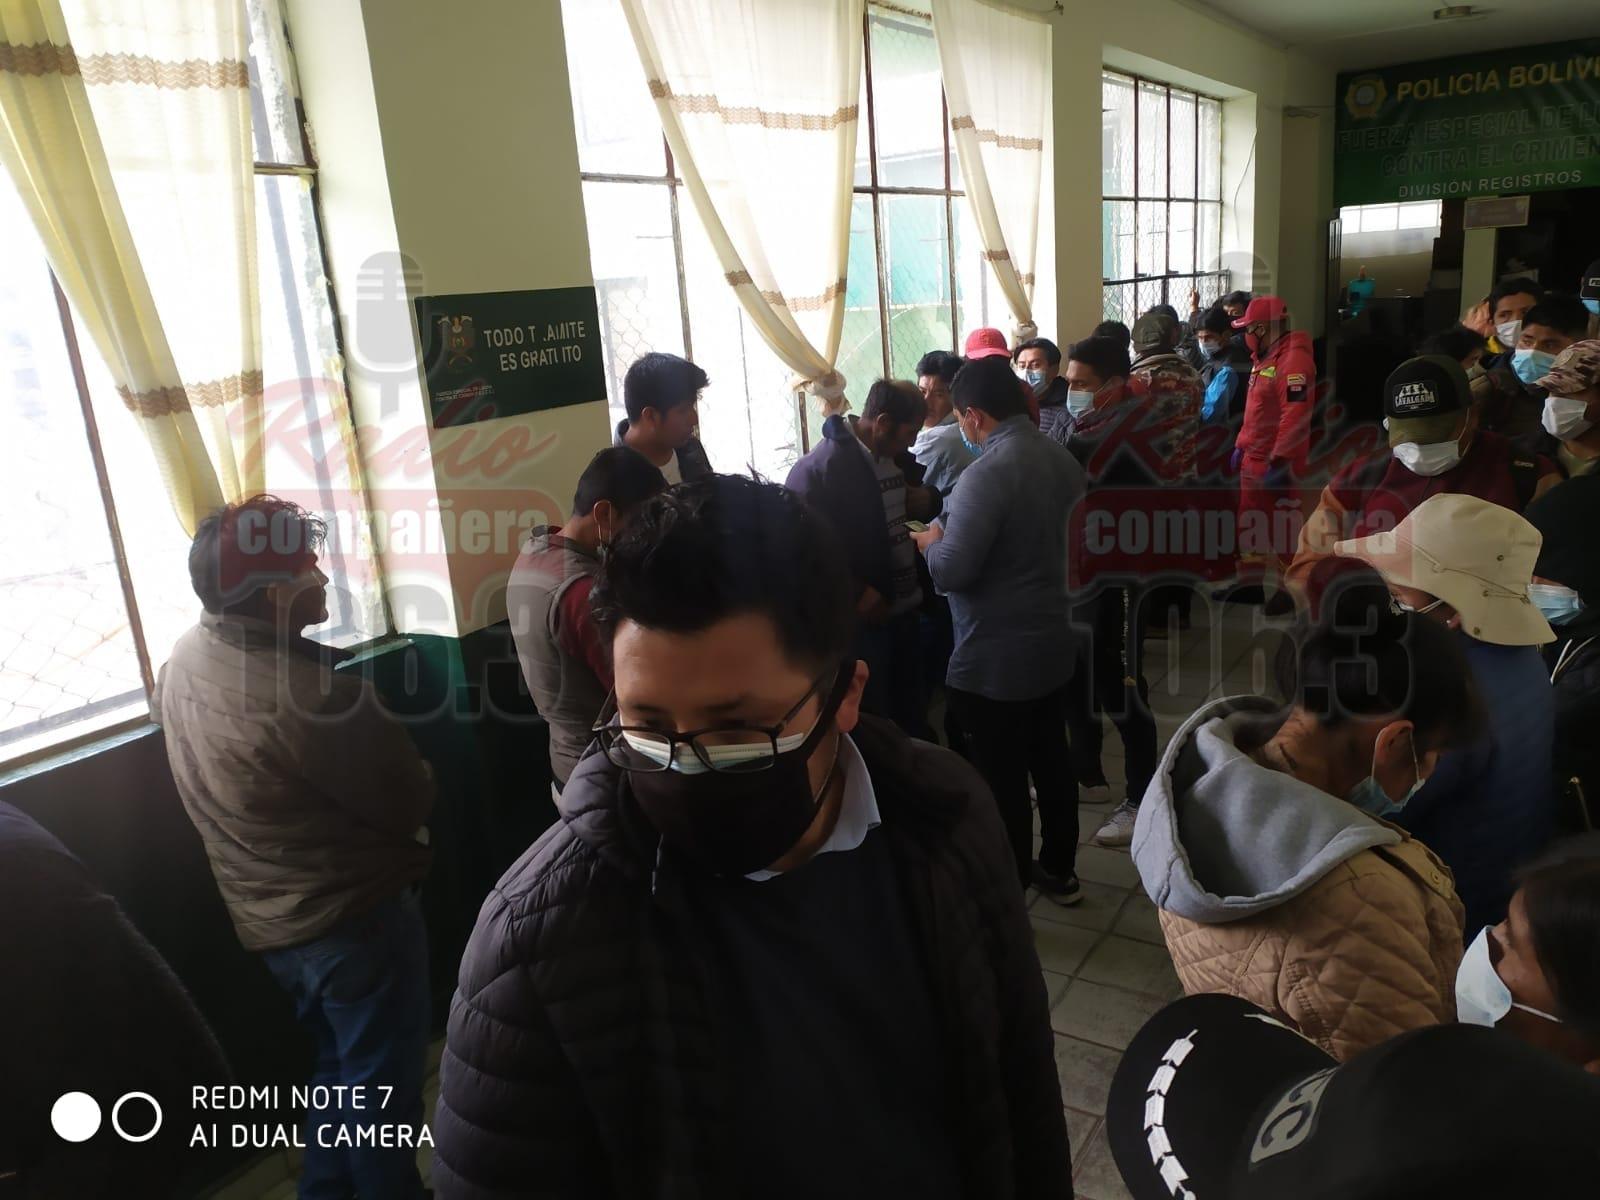 FELCC aprehende a 32 personas durante los enfrentamientos entre sectores cocaleros